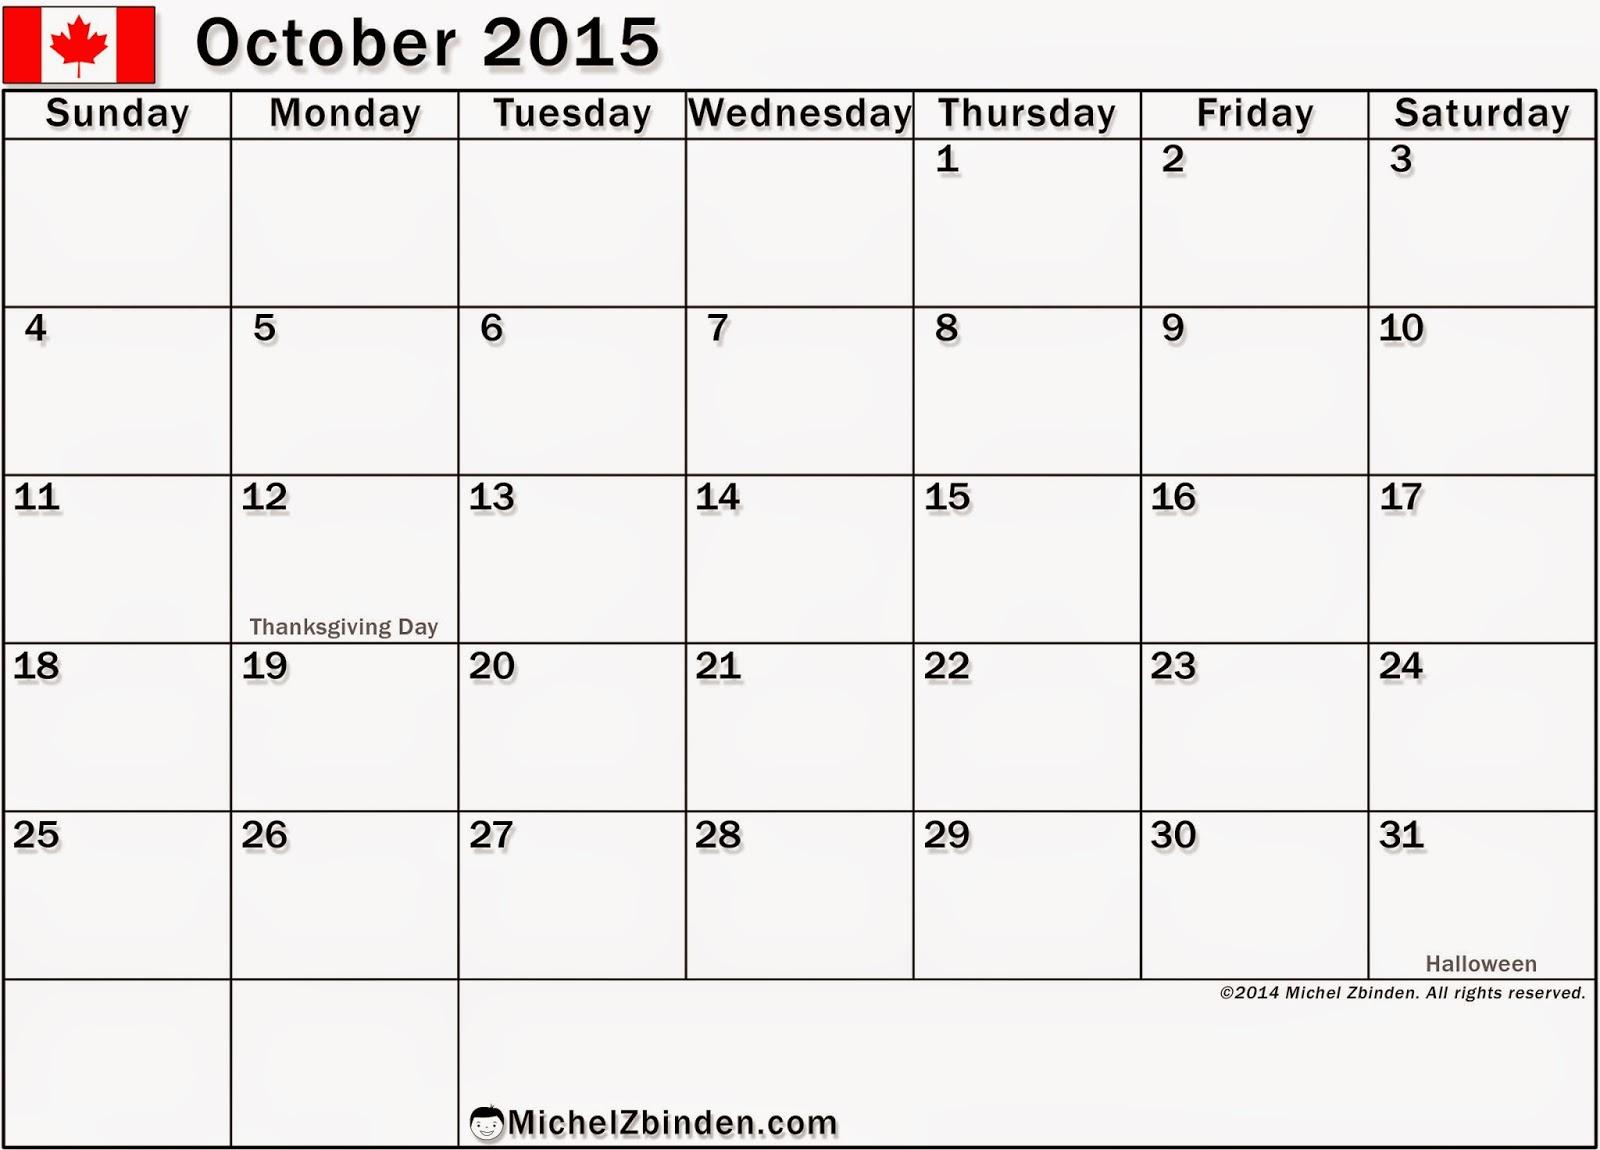 October 2014 calendar printable design